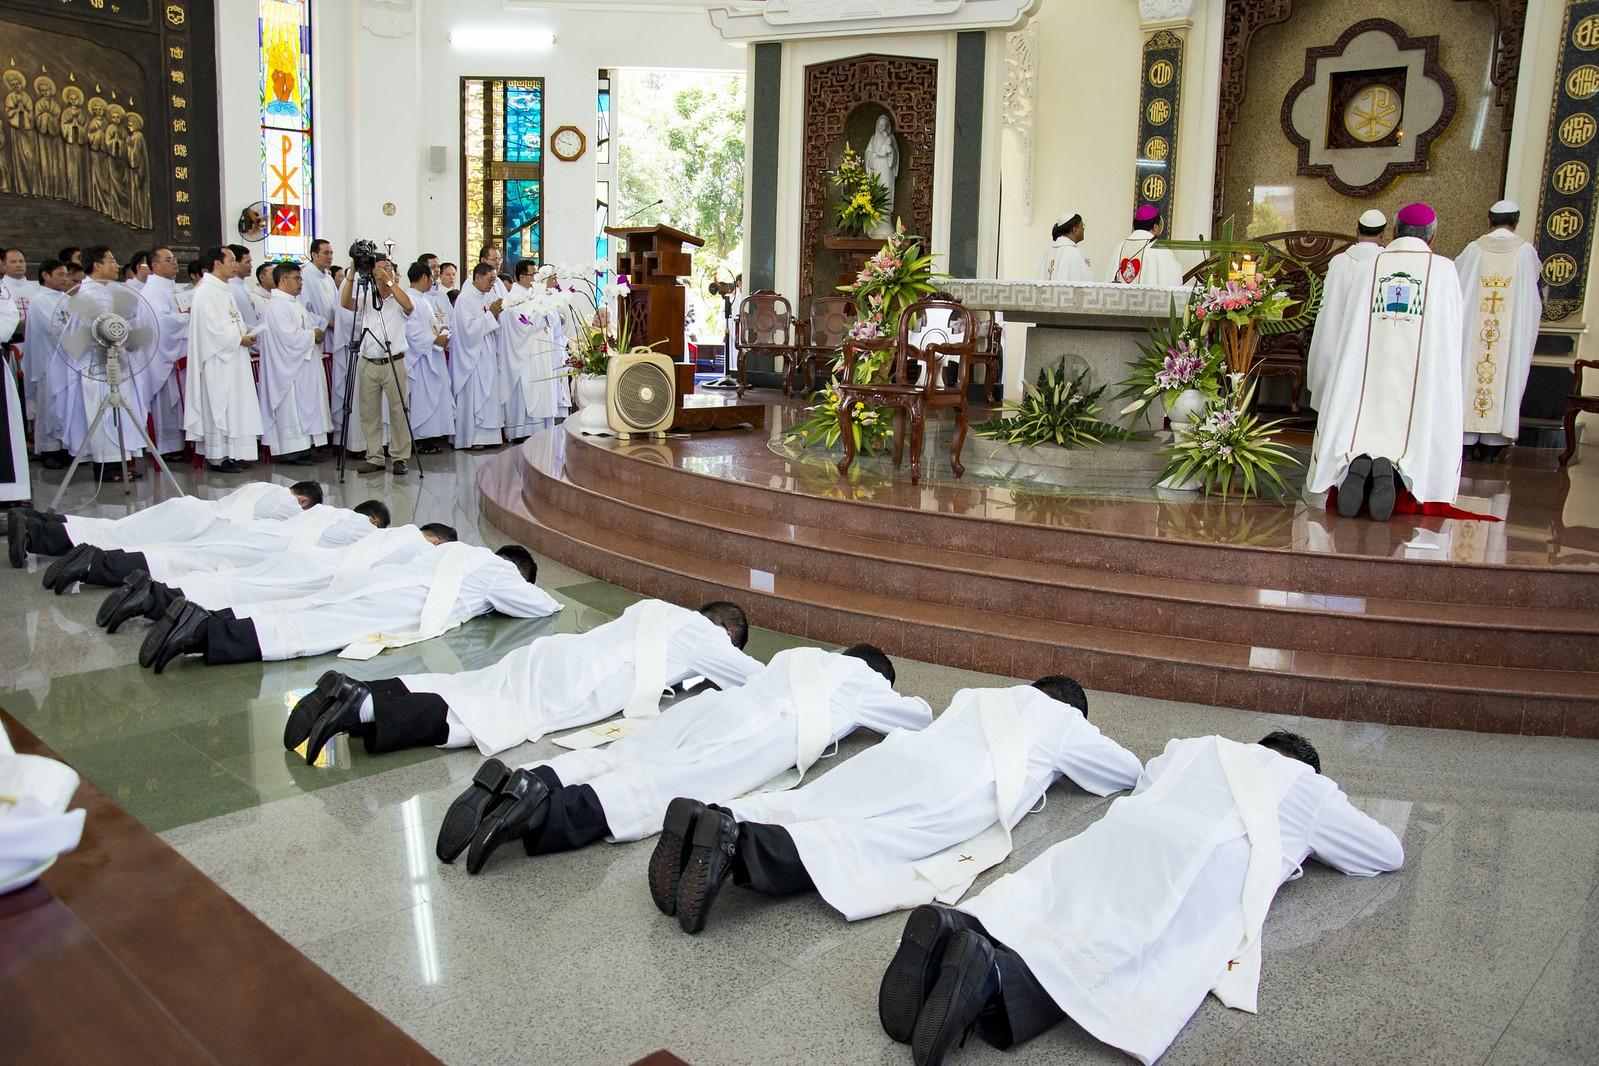 Đan Viện Thánh Mẫu Phước Sơn : Thánh Lễ Truyền Chức Linh Mục - Ảnh minh hoạ 10